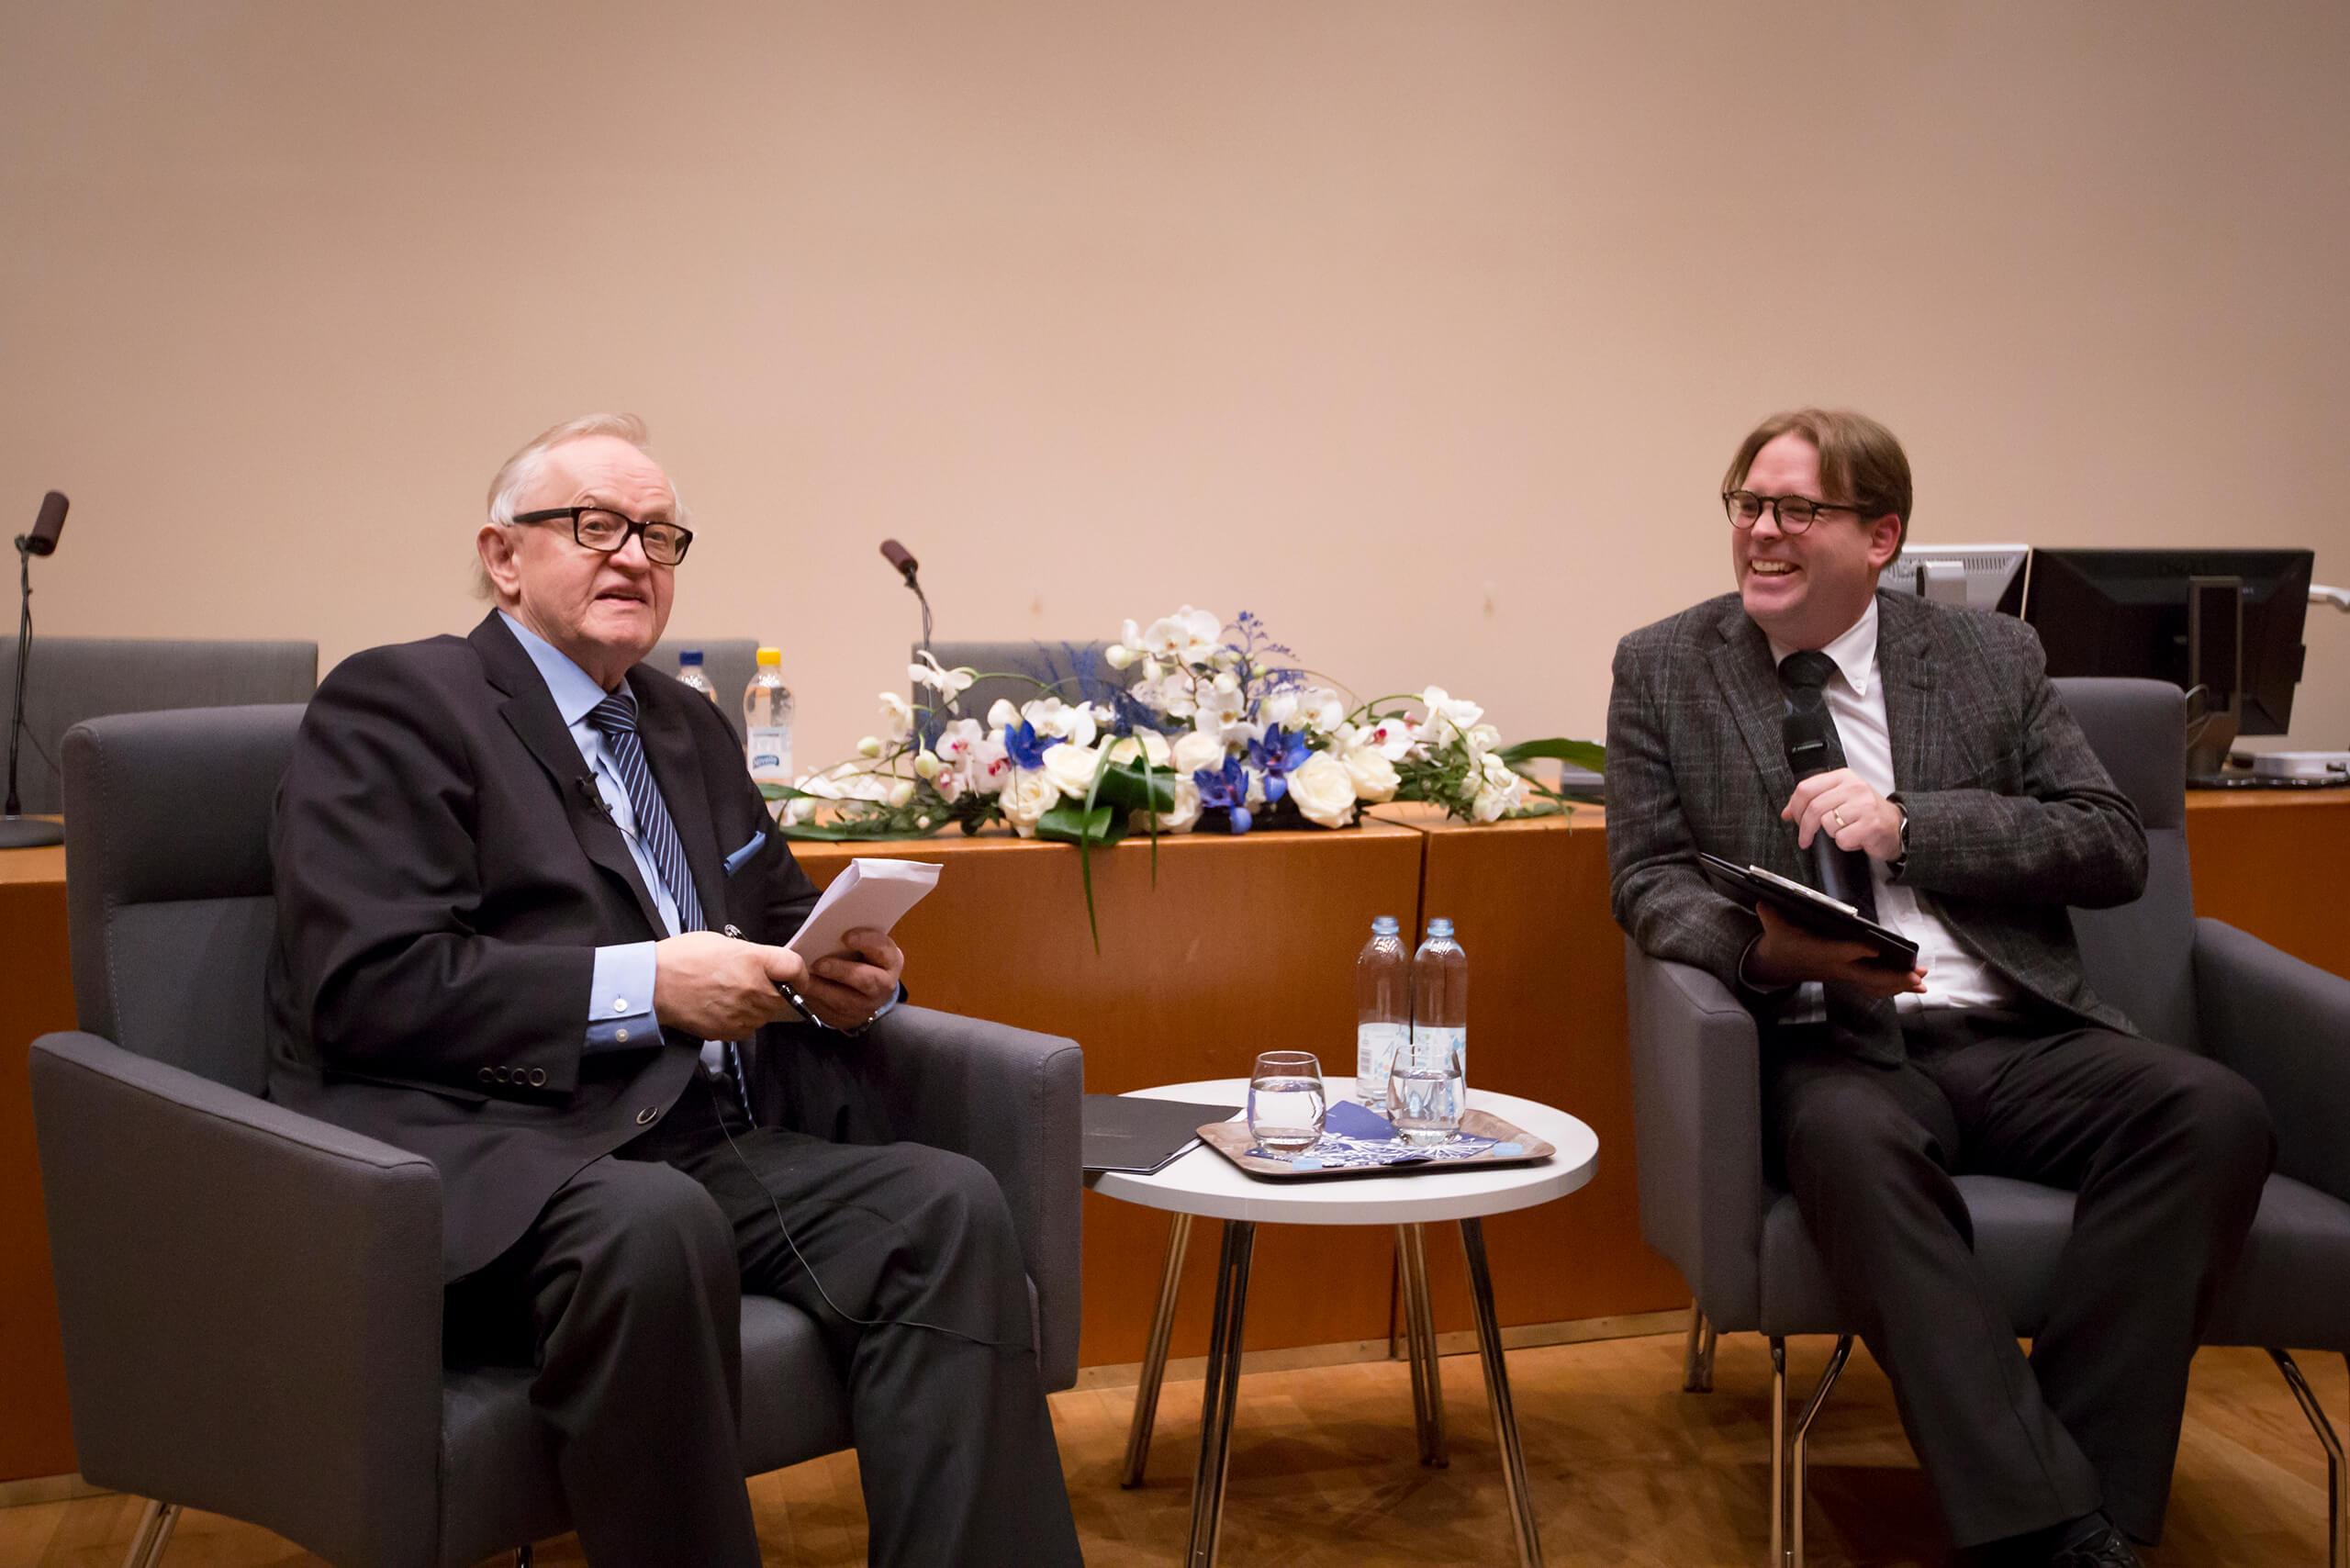 Pohjalaisen päätoimittaja Toni Viljanmaa haastatteli Ahtisaarta Vaasan yliopiston tilaisuudessa. Kuva: Satu Aaltonen